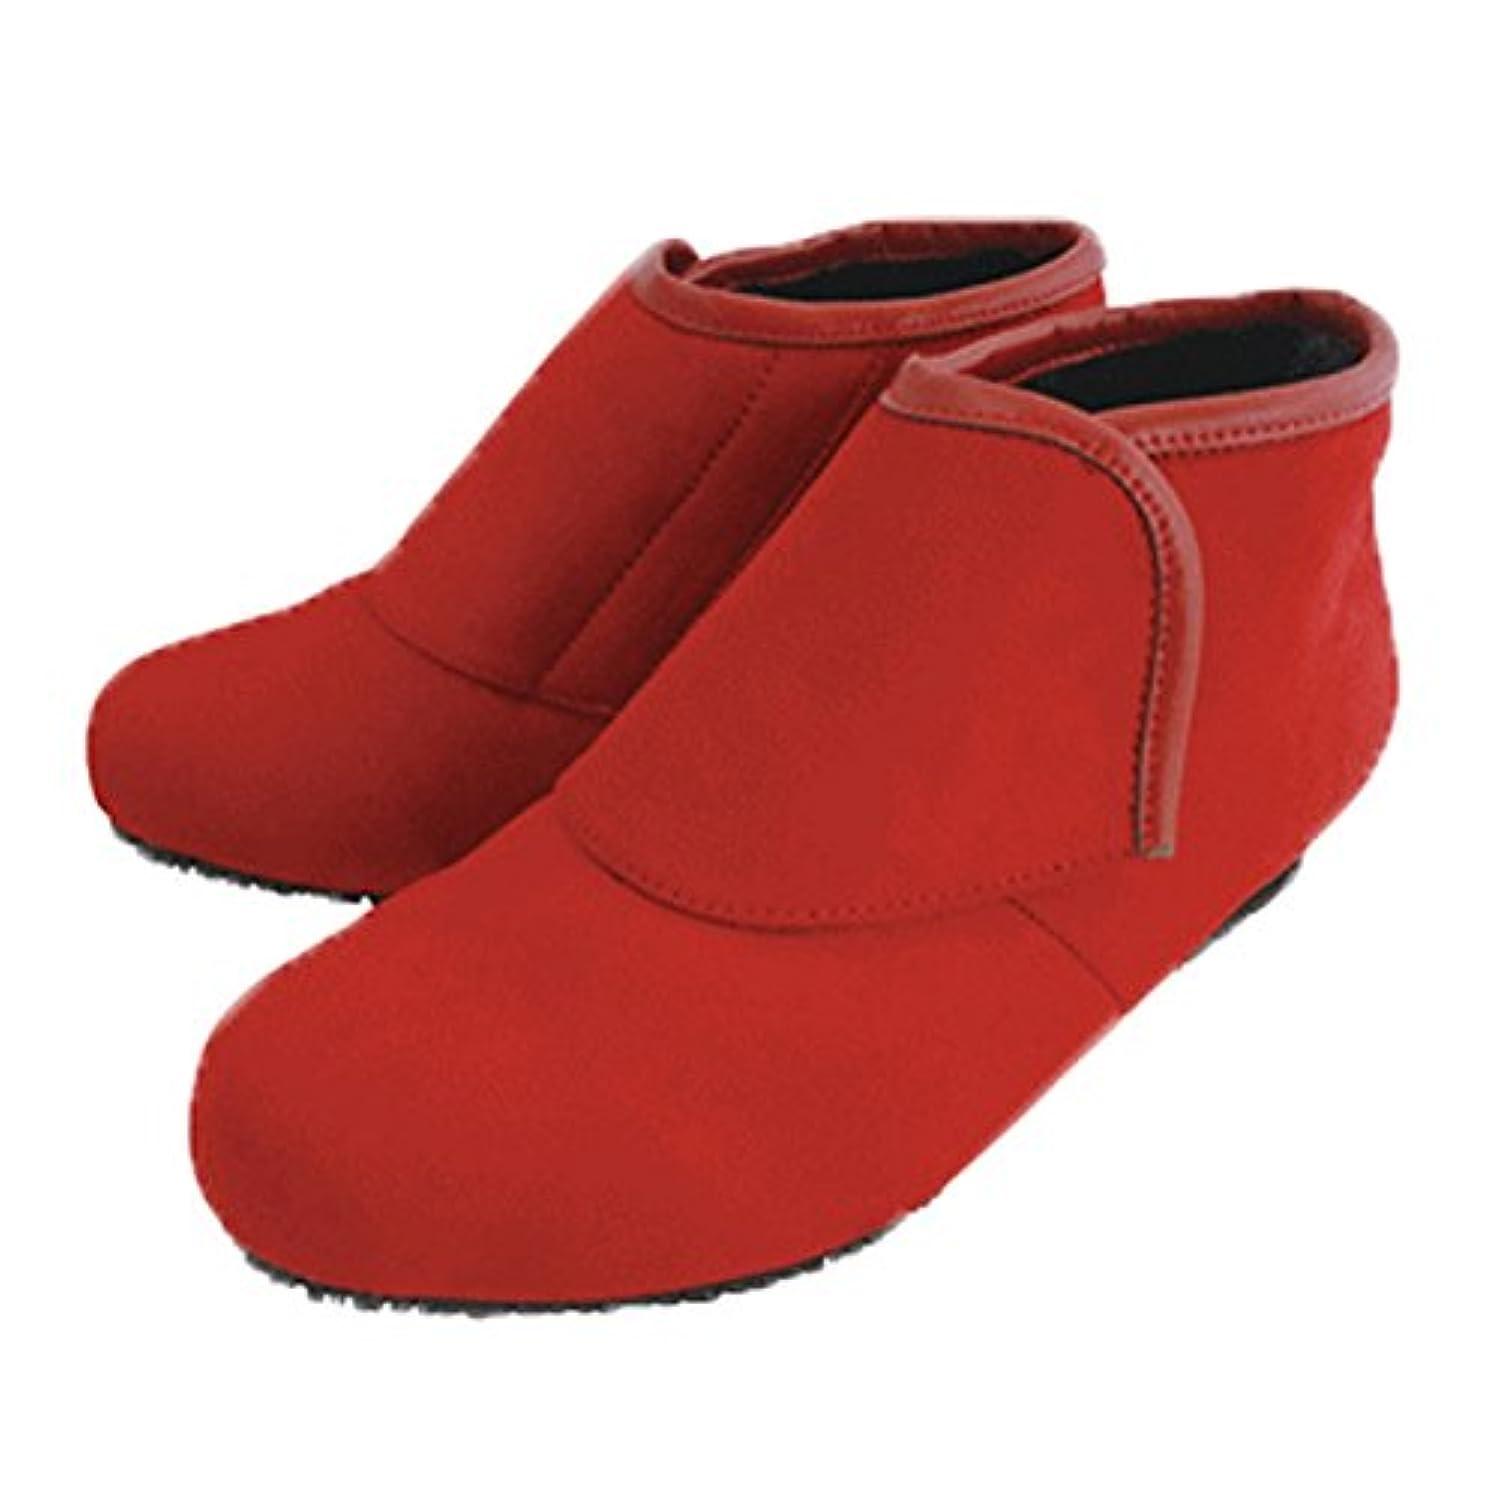 生命体極小言い換えると防寒ブーツ リシェス 防滑ソール レンガ 冬 女性用 婦人 高齢者 靴 ウォーキングシューズ 安心 補助 介護 敬老 贈り物/LL(24.5cm)